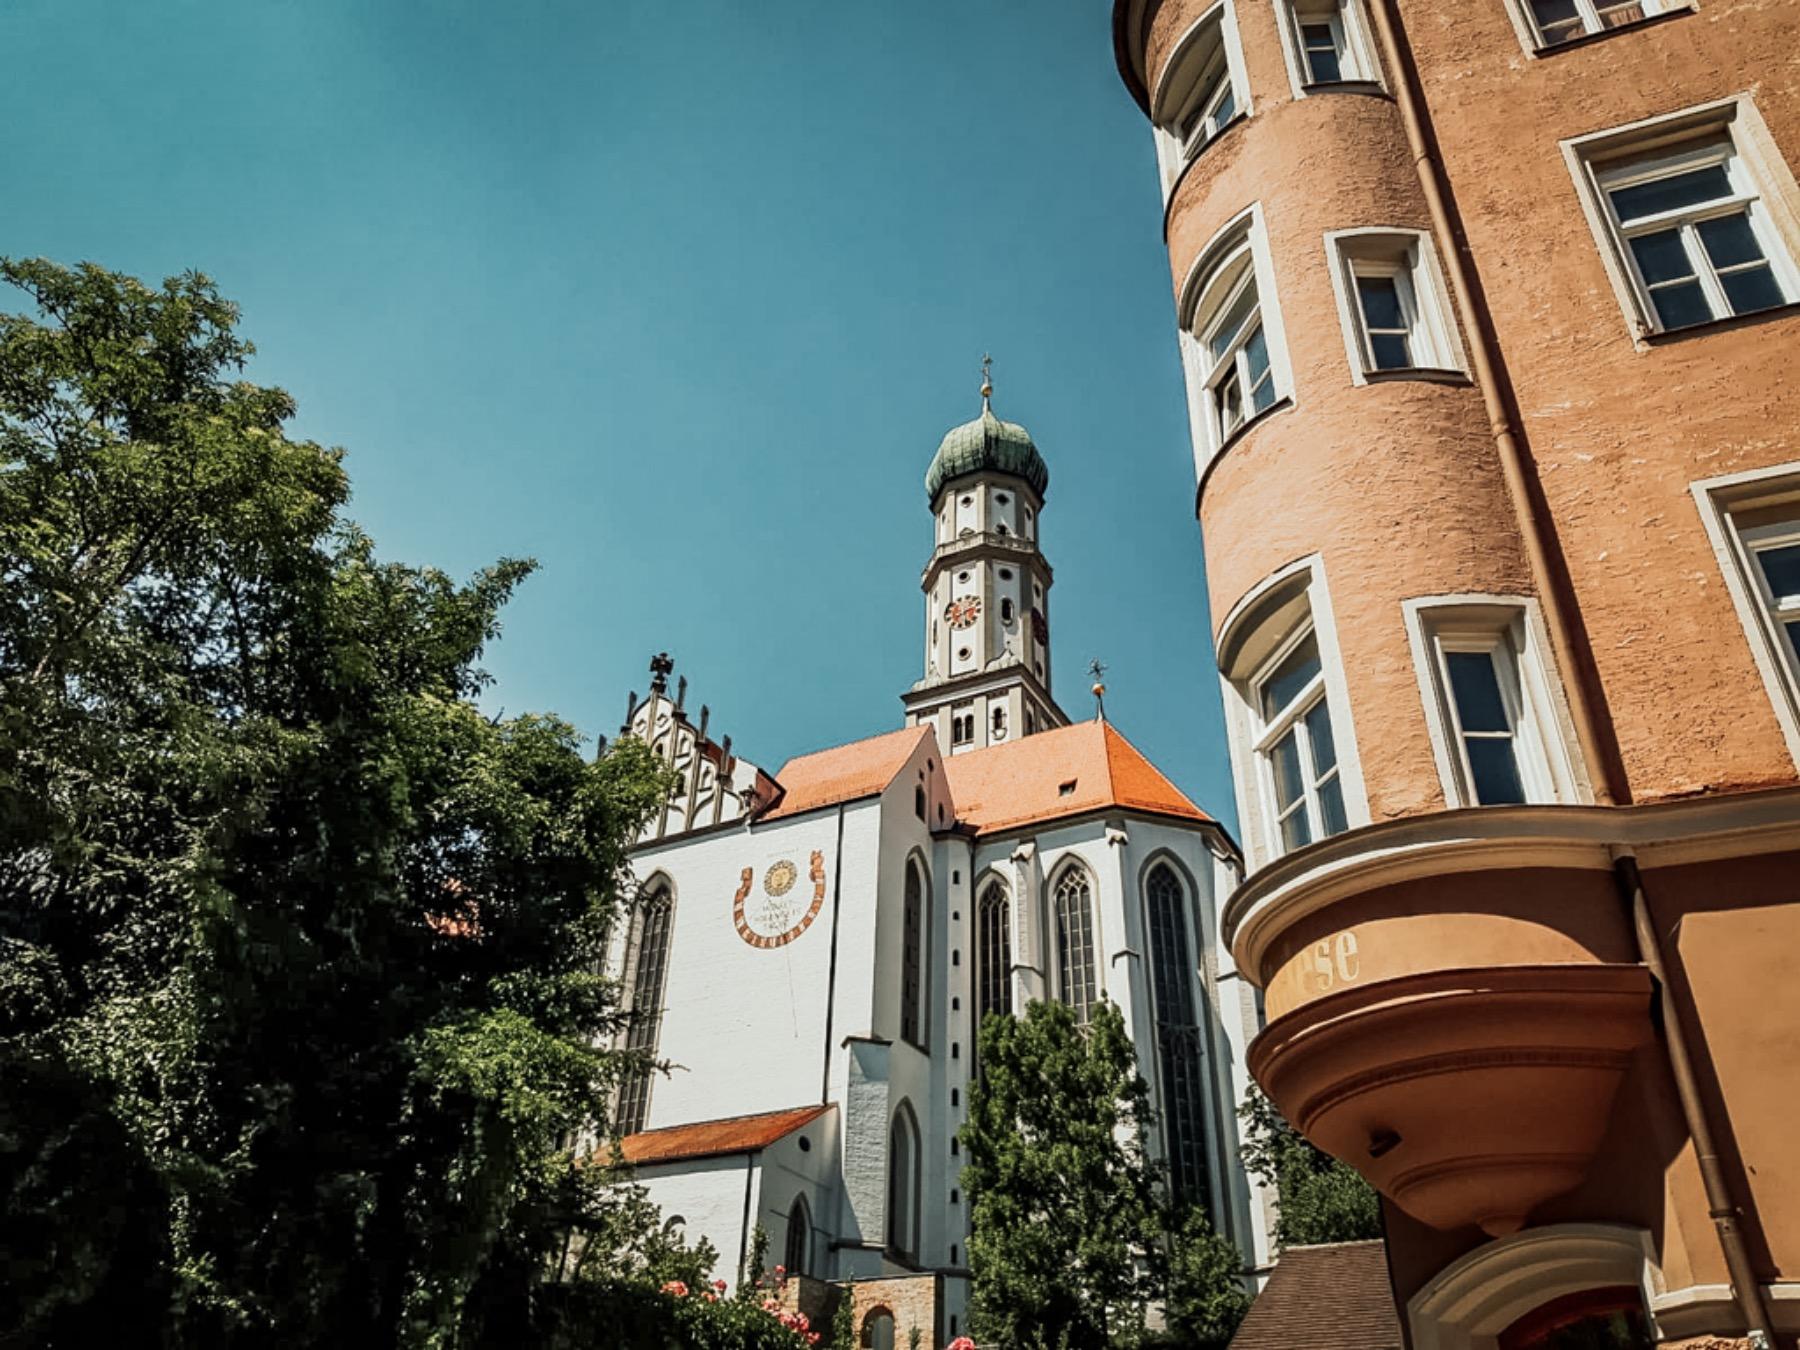 geheimtipp Augsburg ulrichsviertel